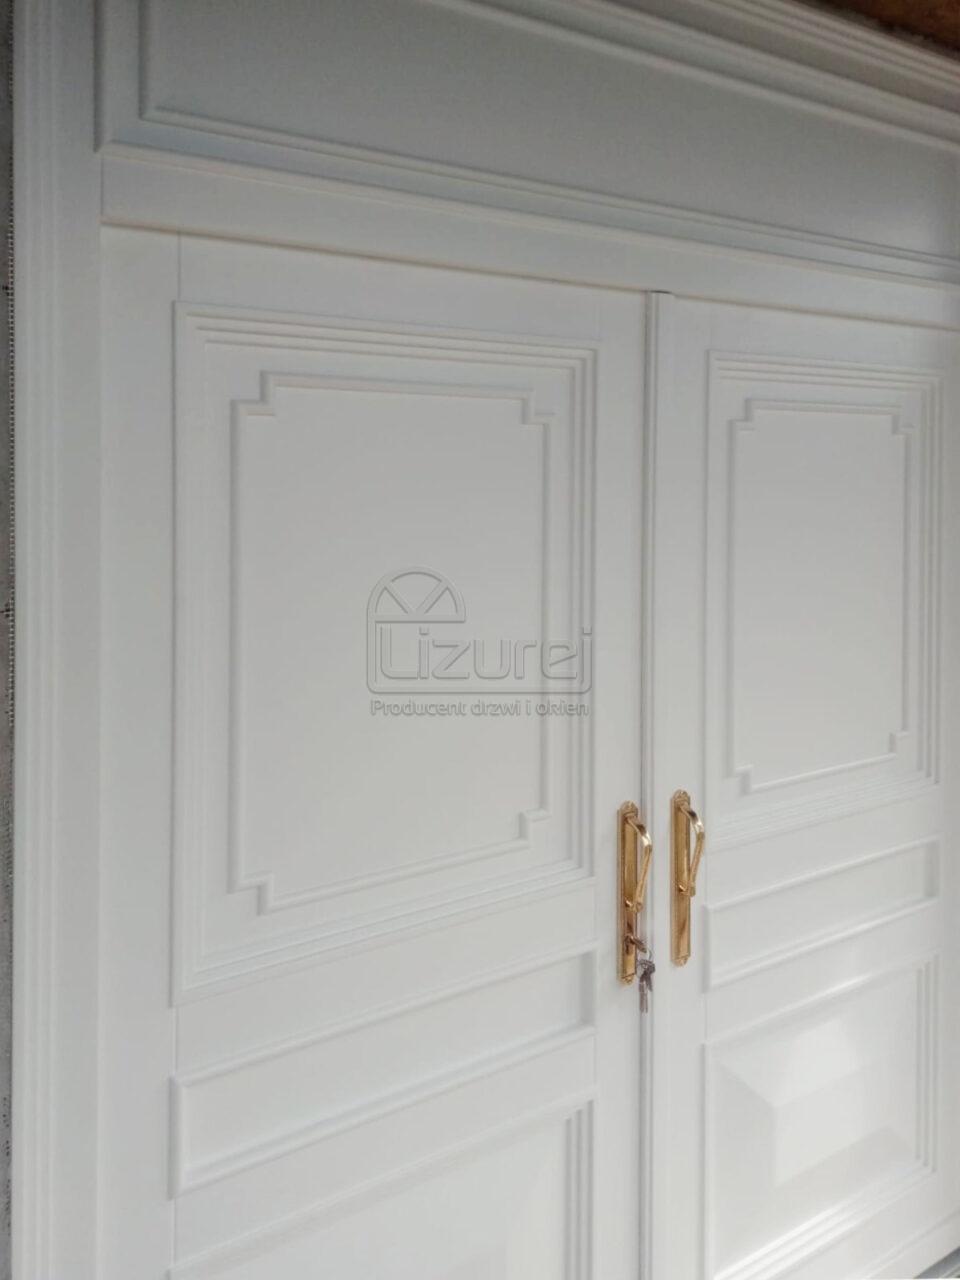 Producent Drzwi Drewnianych Na Wymiar Lizurej Galeria Zewnętrzne 54